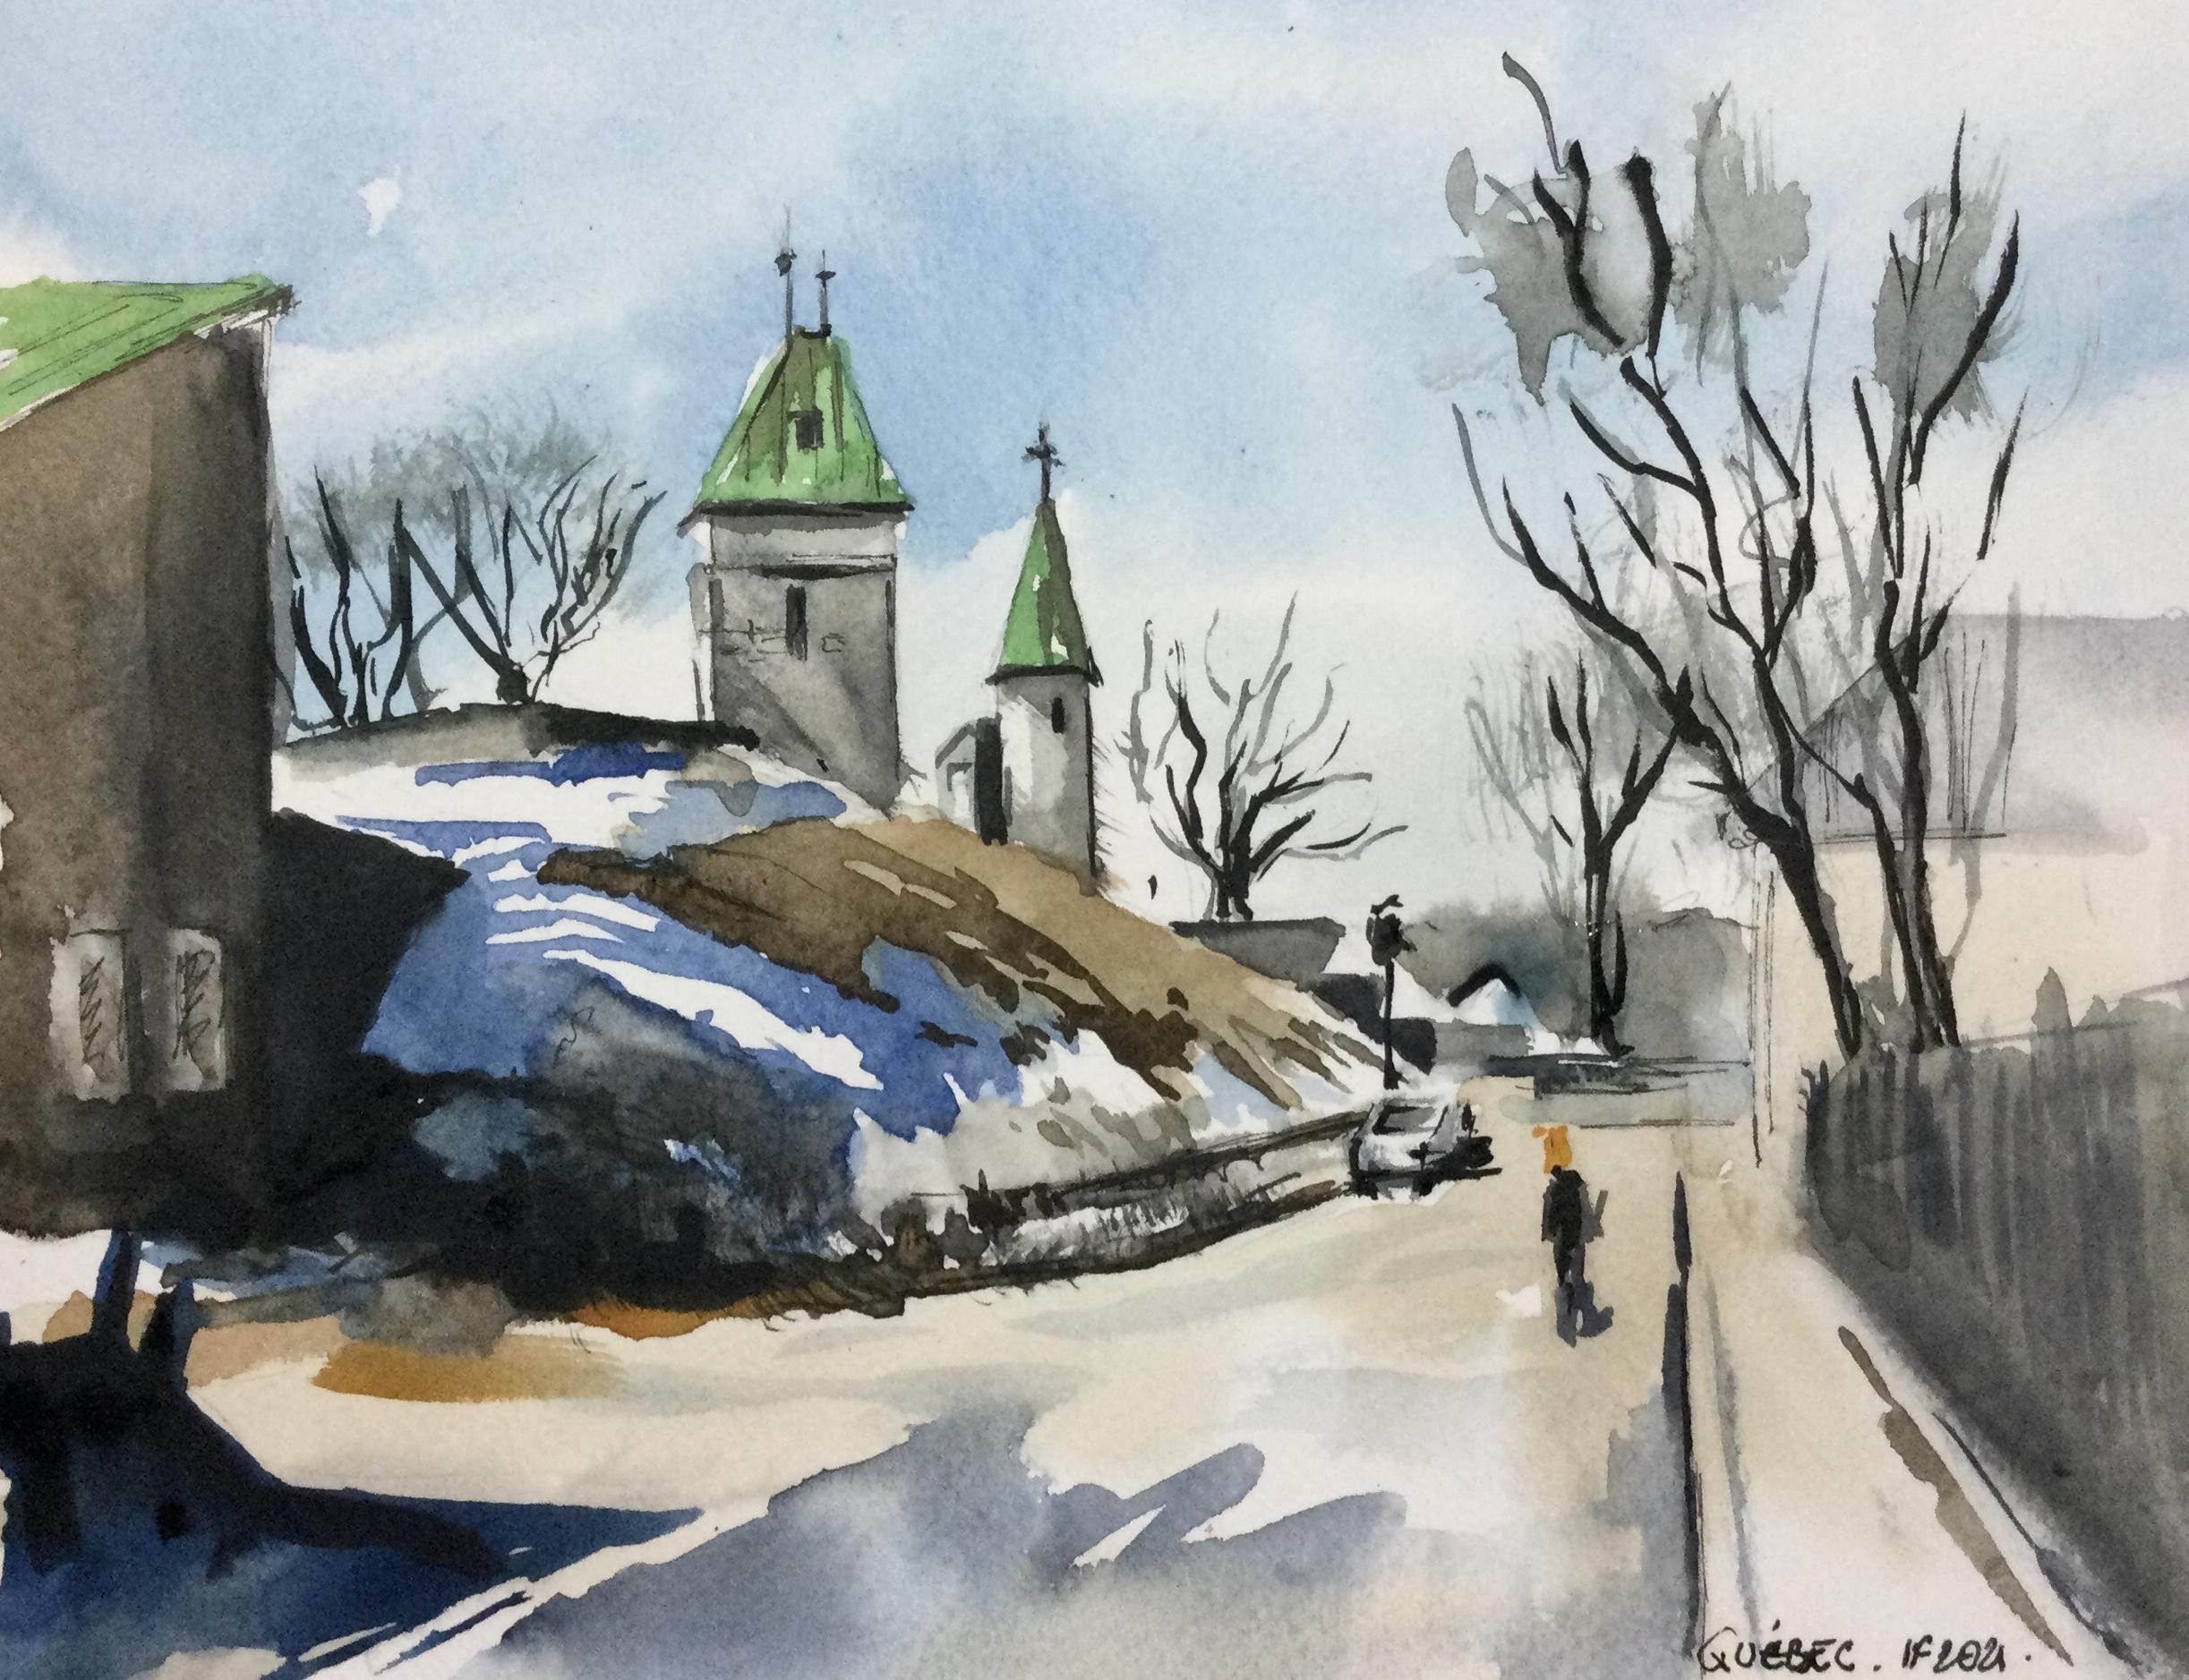 Québec à la fin de l'hiver - ©I.Frances 2021